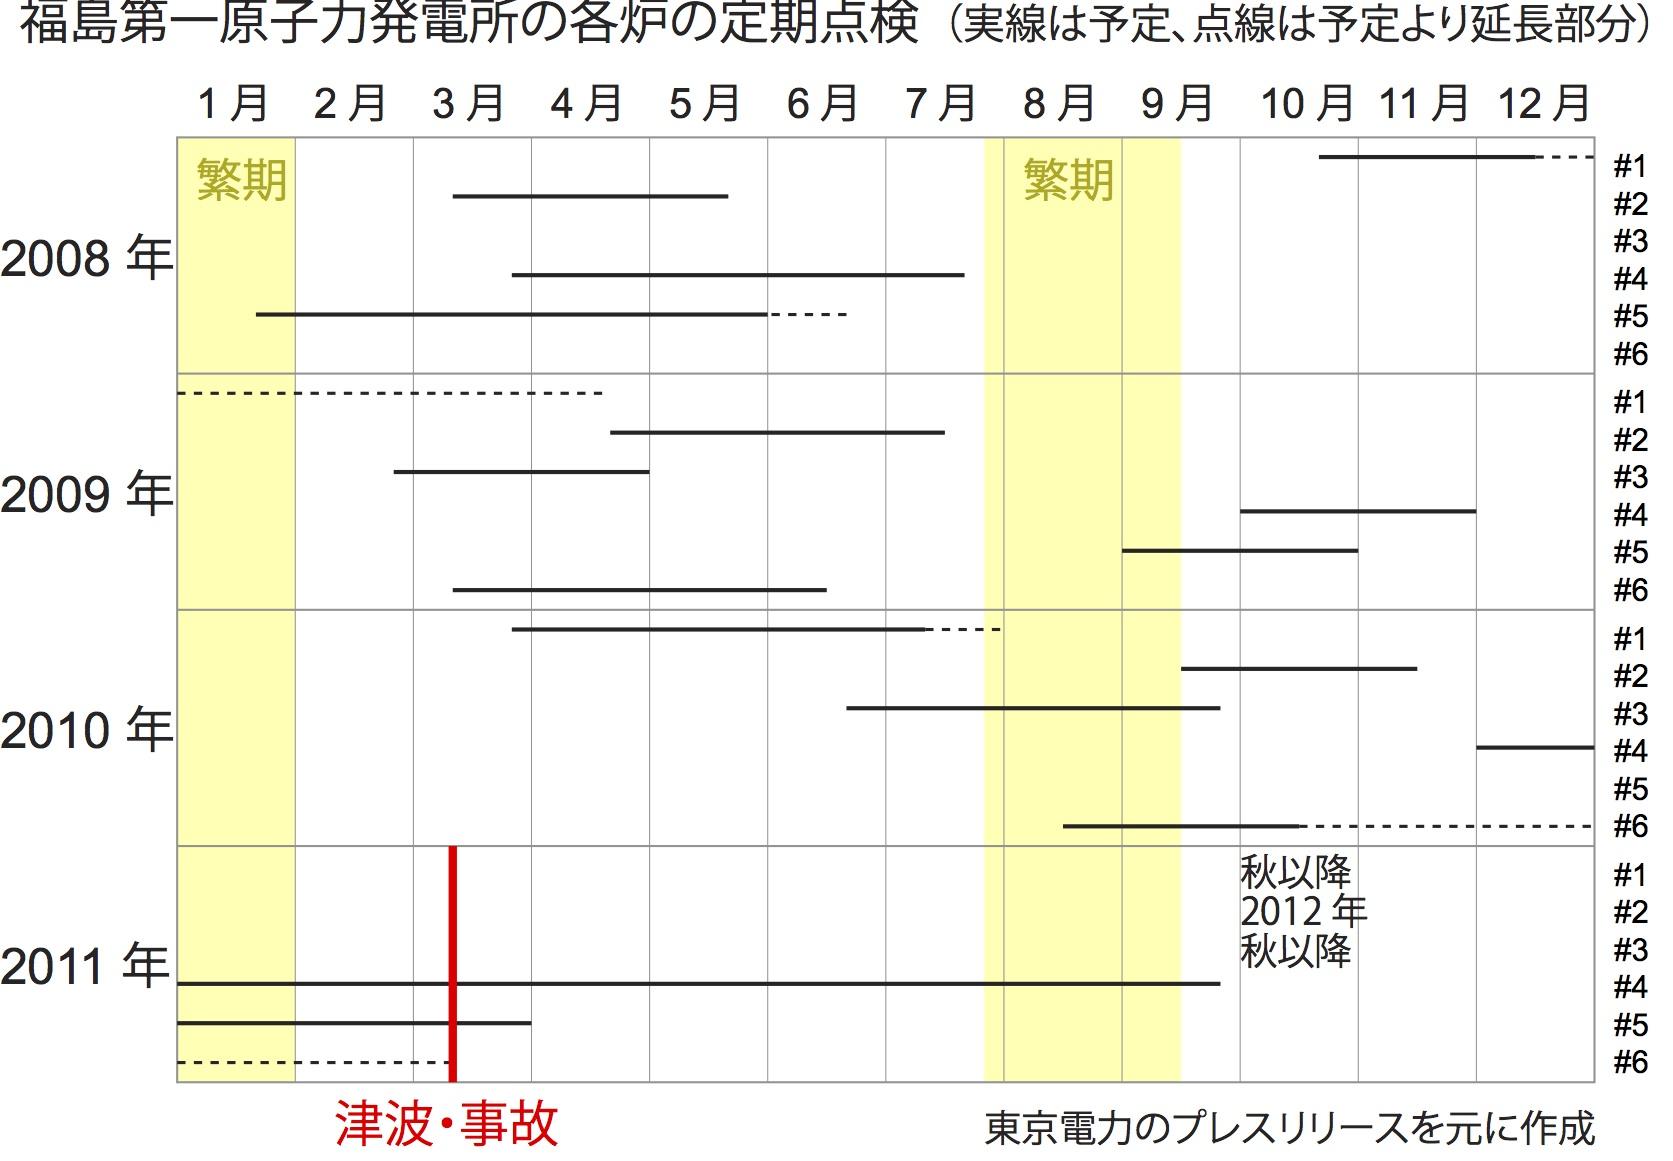 写真・図版 : 図:東京電力プレスリリースを元に定期点検のみを抜き出して著者が作製。トラブル等での停止は含まない。黄色のハッチは電力需要の高い時期。